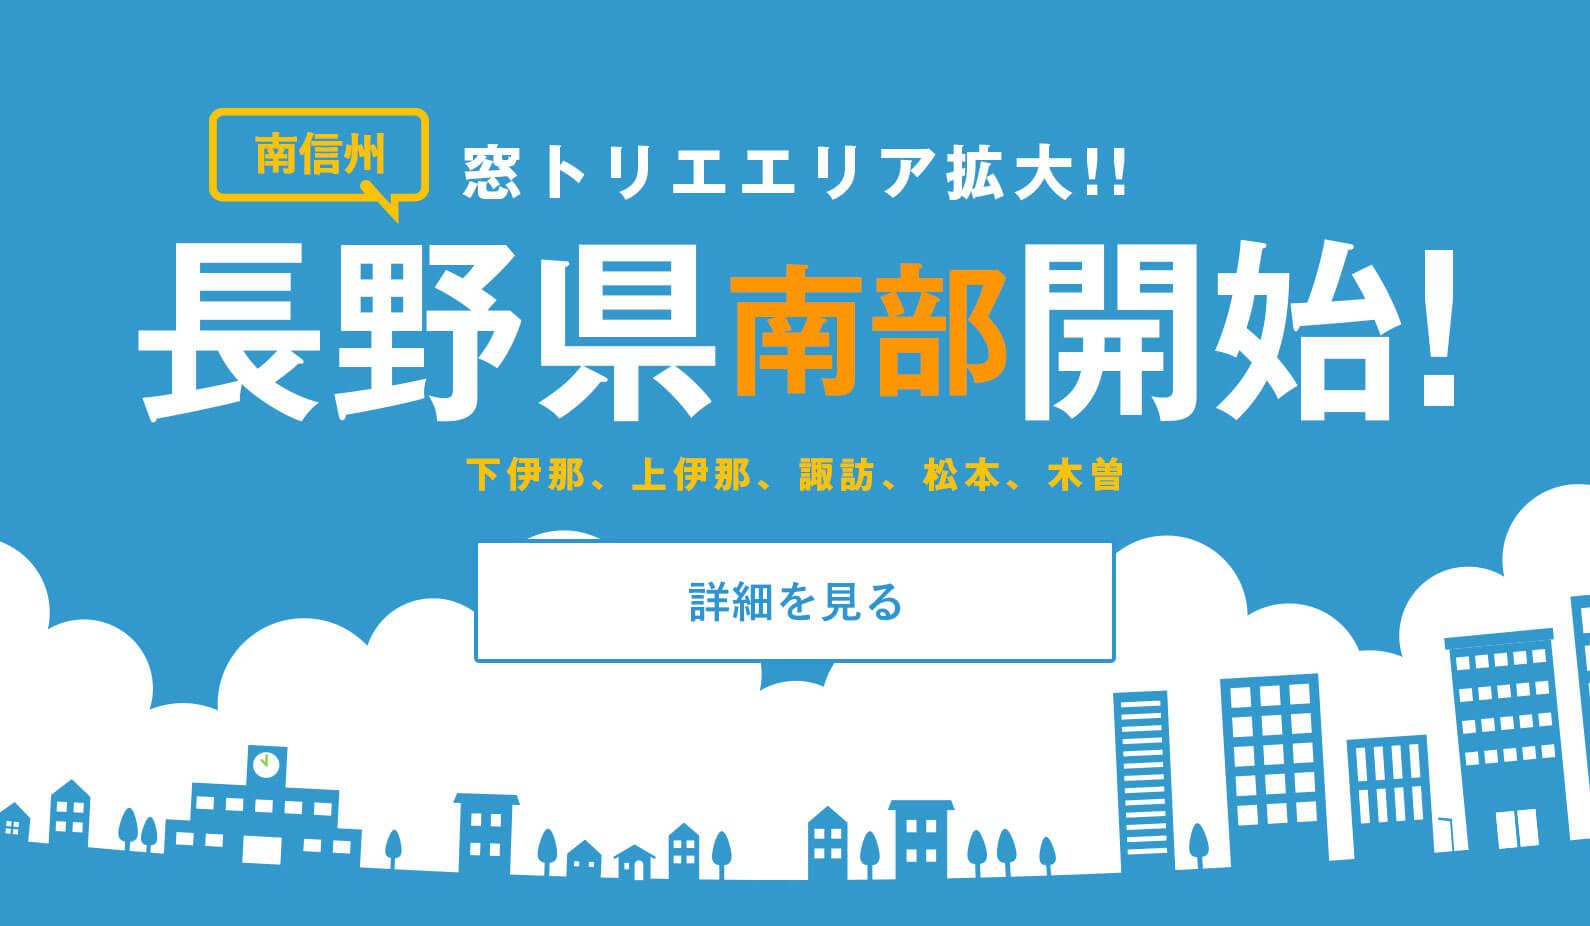 窓トリエエリア拡大!! 長野県南部開始!下伊那、上伊那、諏訪、松本、木曽 詳細を見る